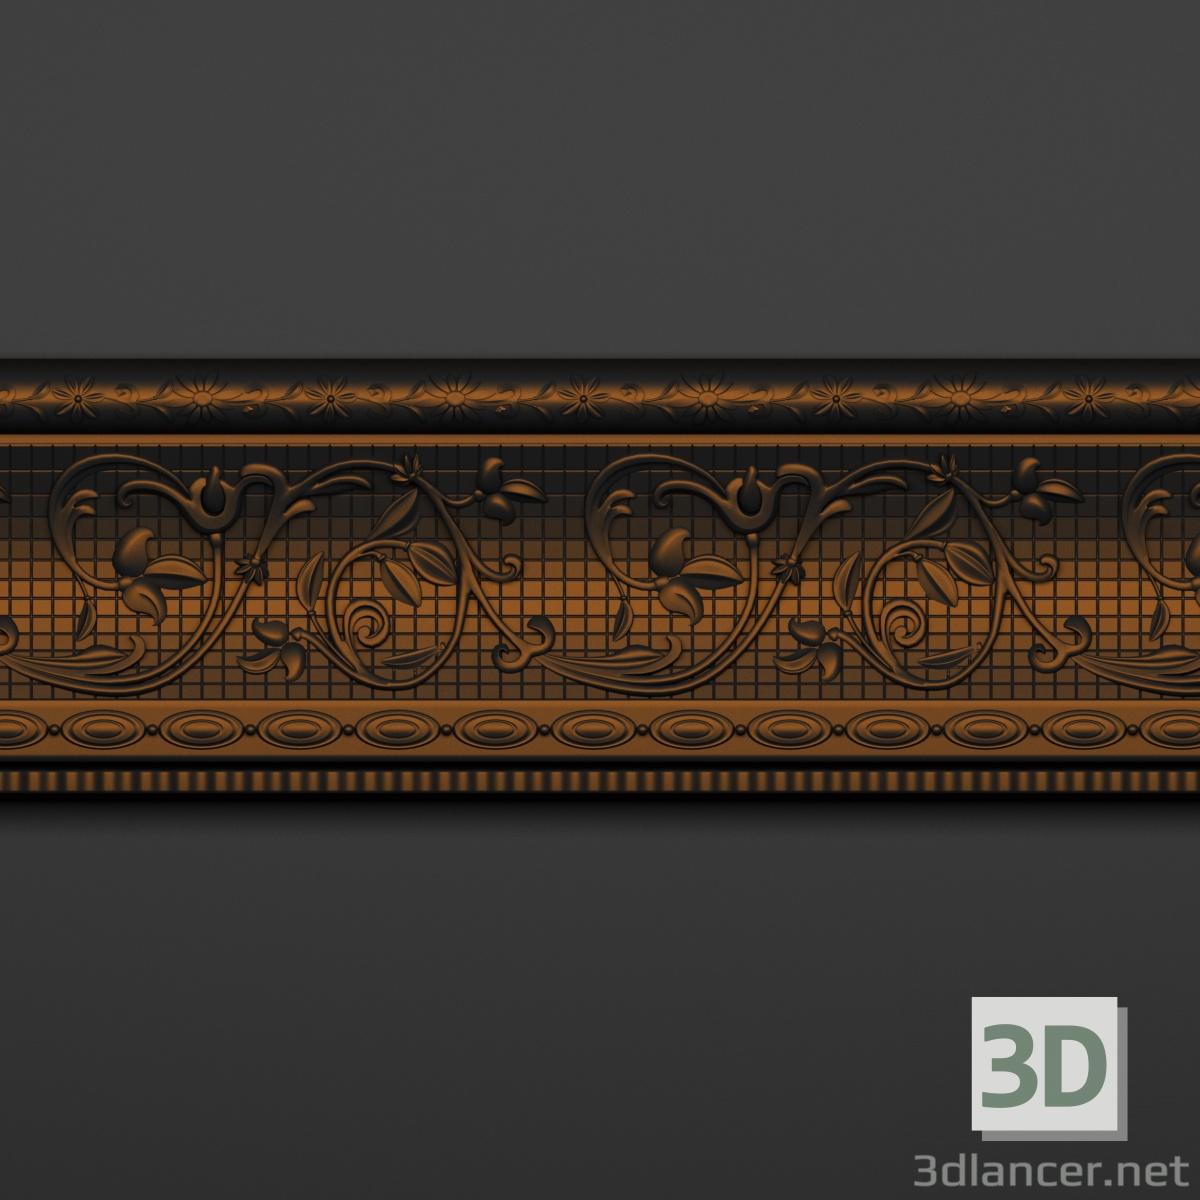 3d Decor 73 model buy - render